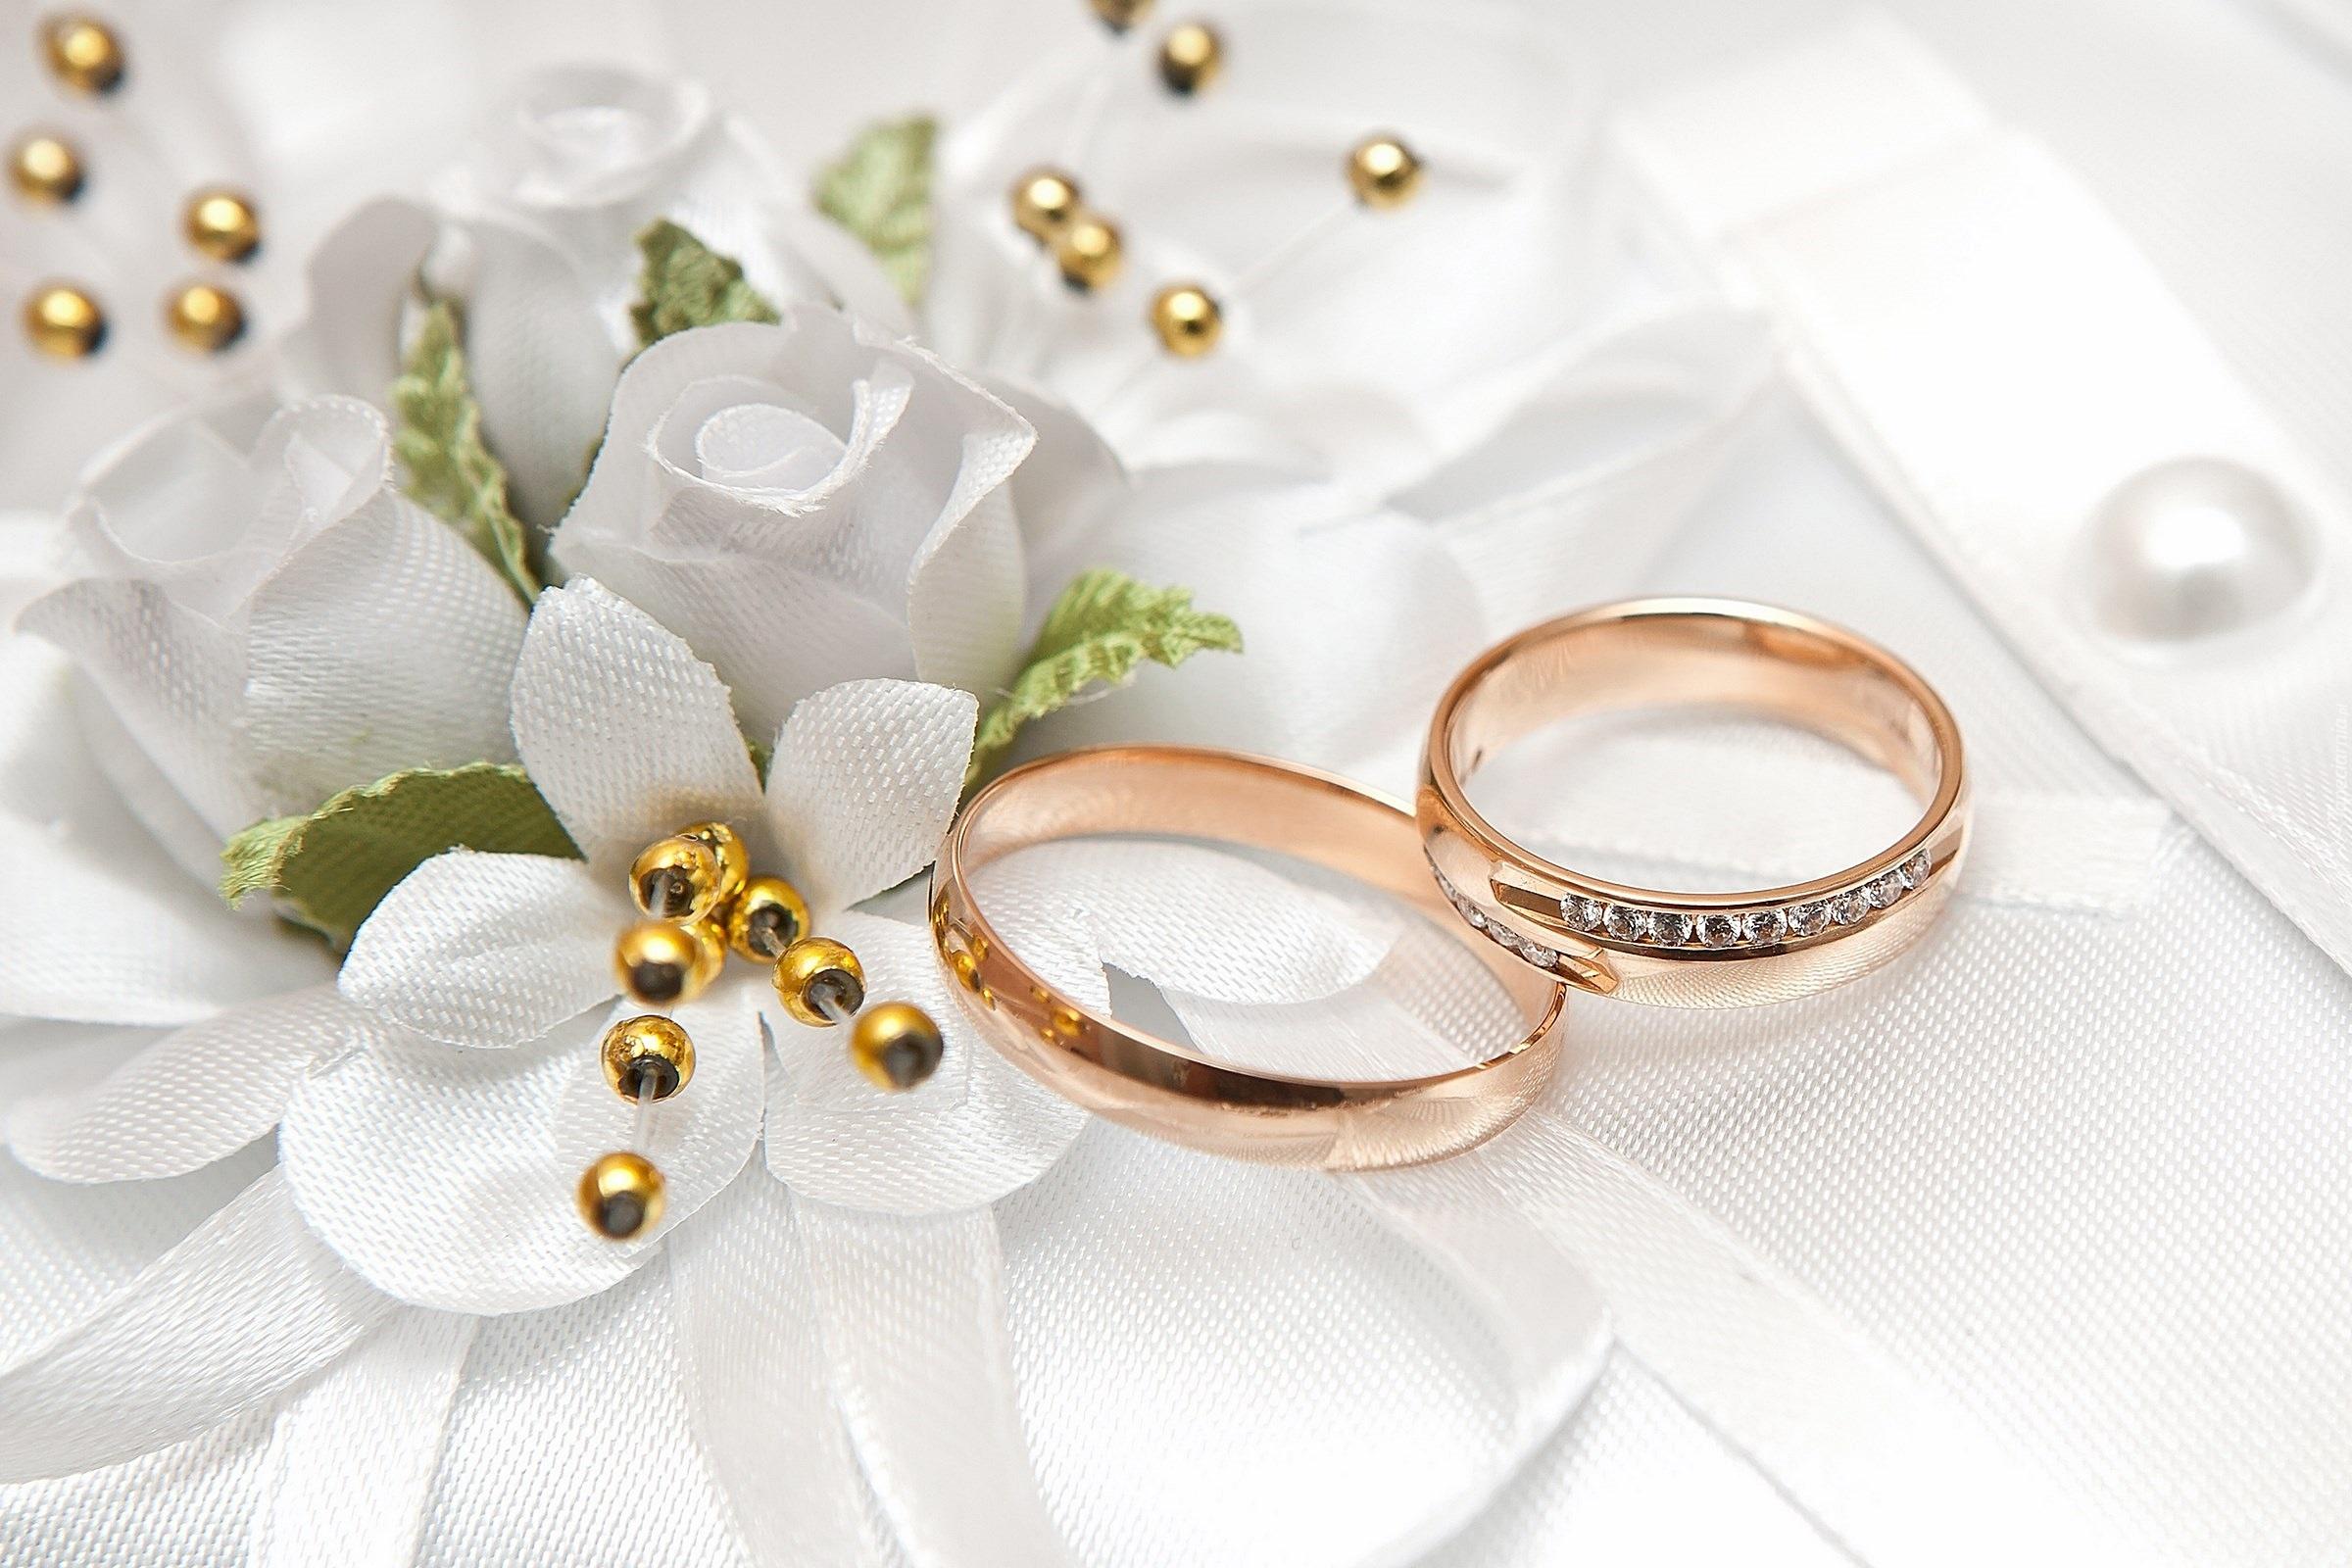 Auguri Matrimonio Nel Signore : Białe kwiaty obrączki Ślubne